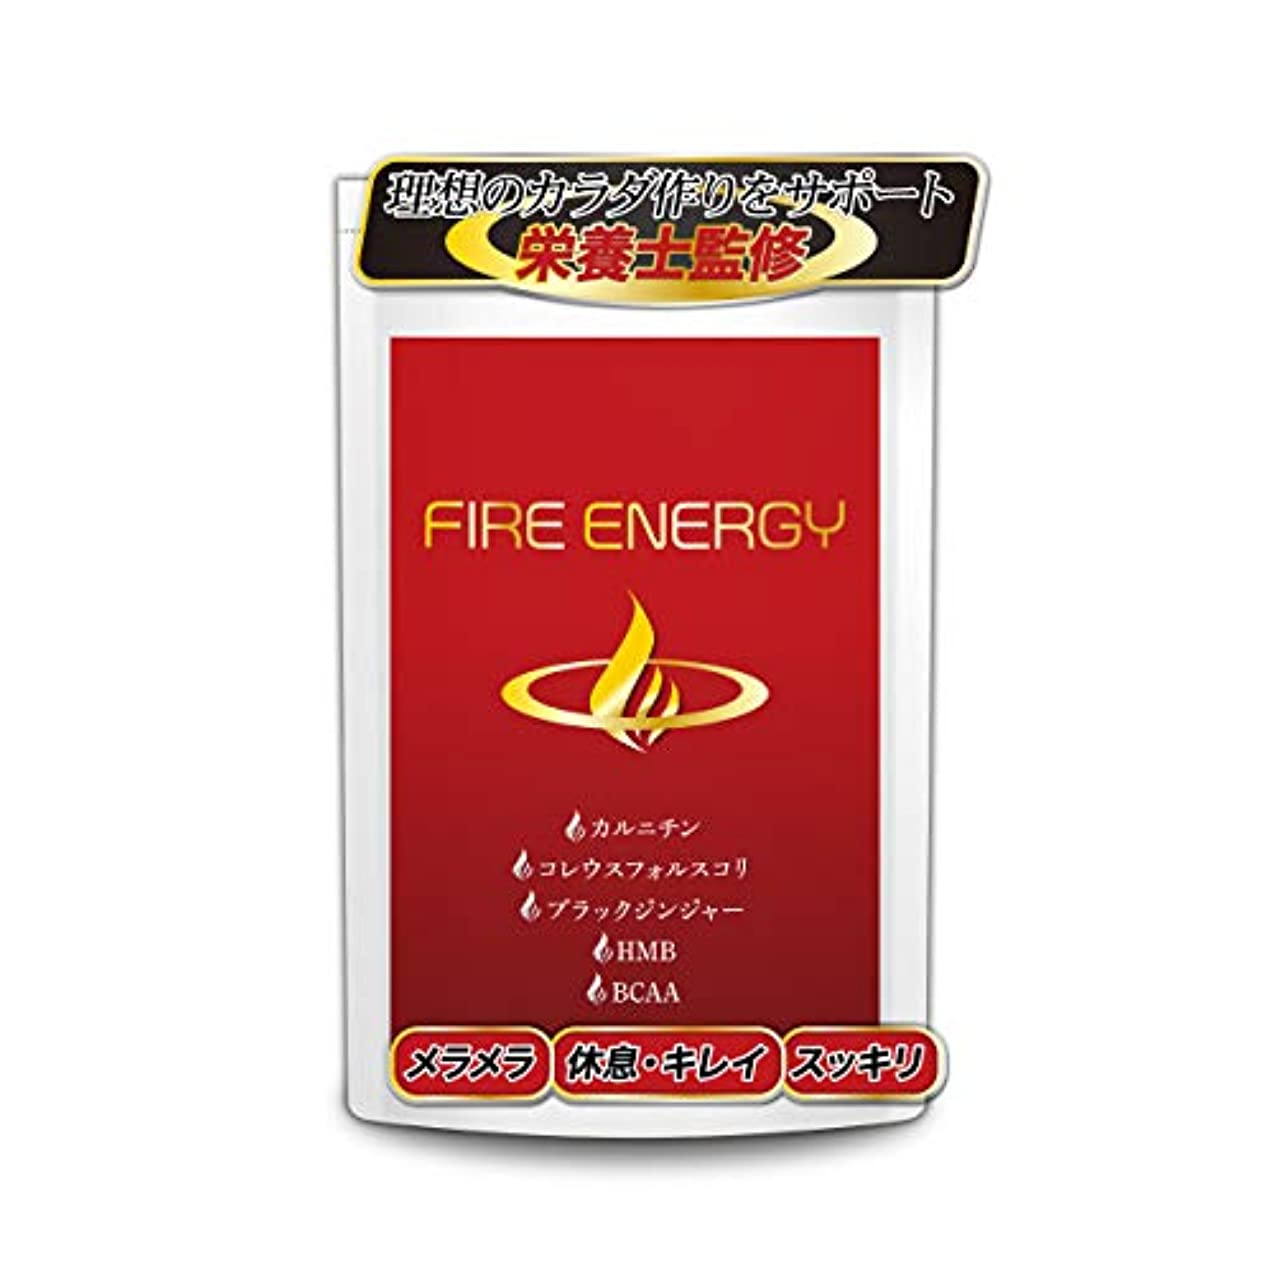 障害十分な終わらせるFIRE ENERGY ダイエット サプリ 燃焼 HMB BCAA サプリメント(30日分60粒入り)